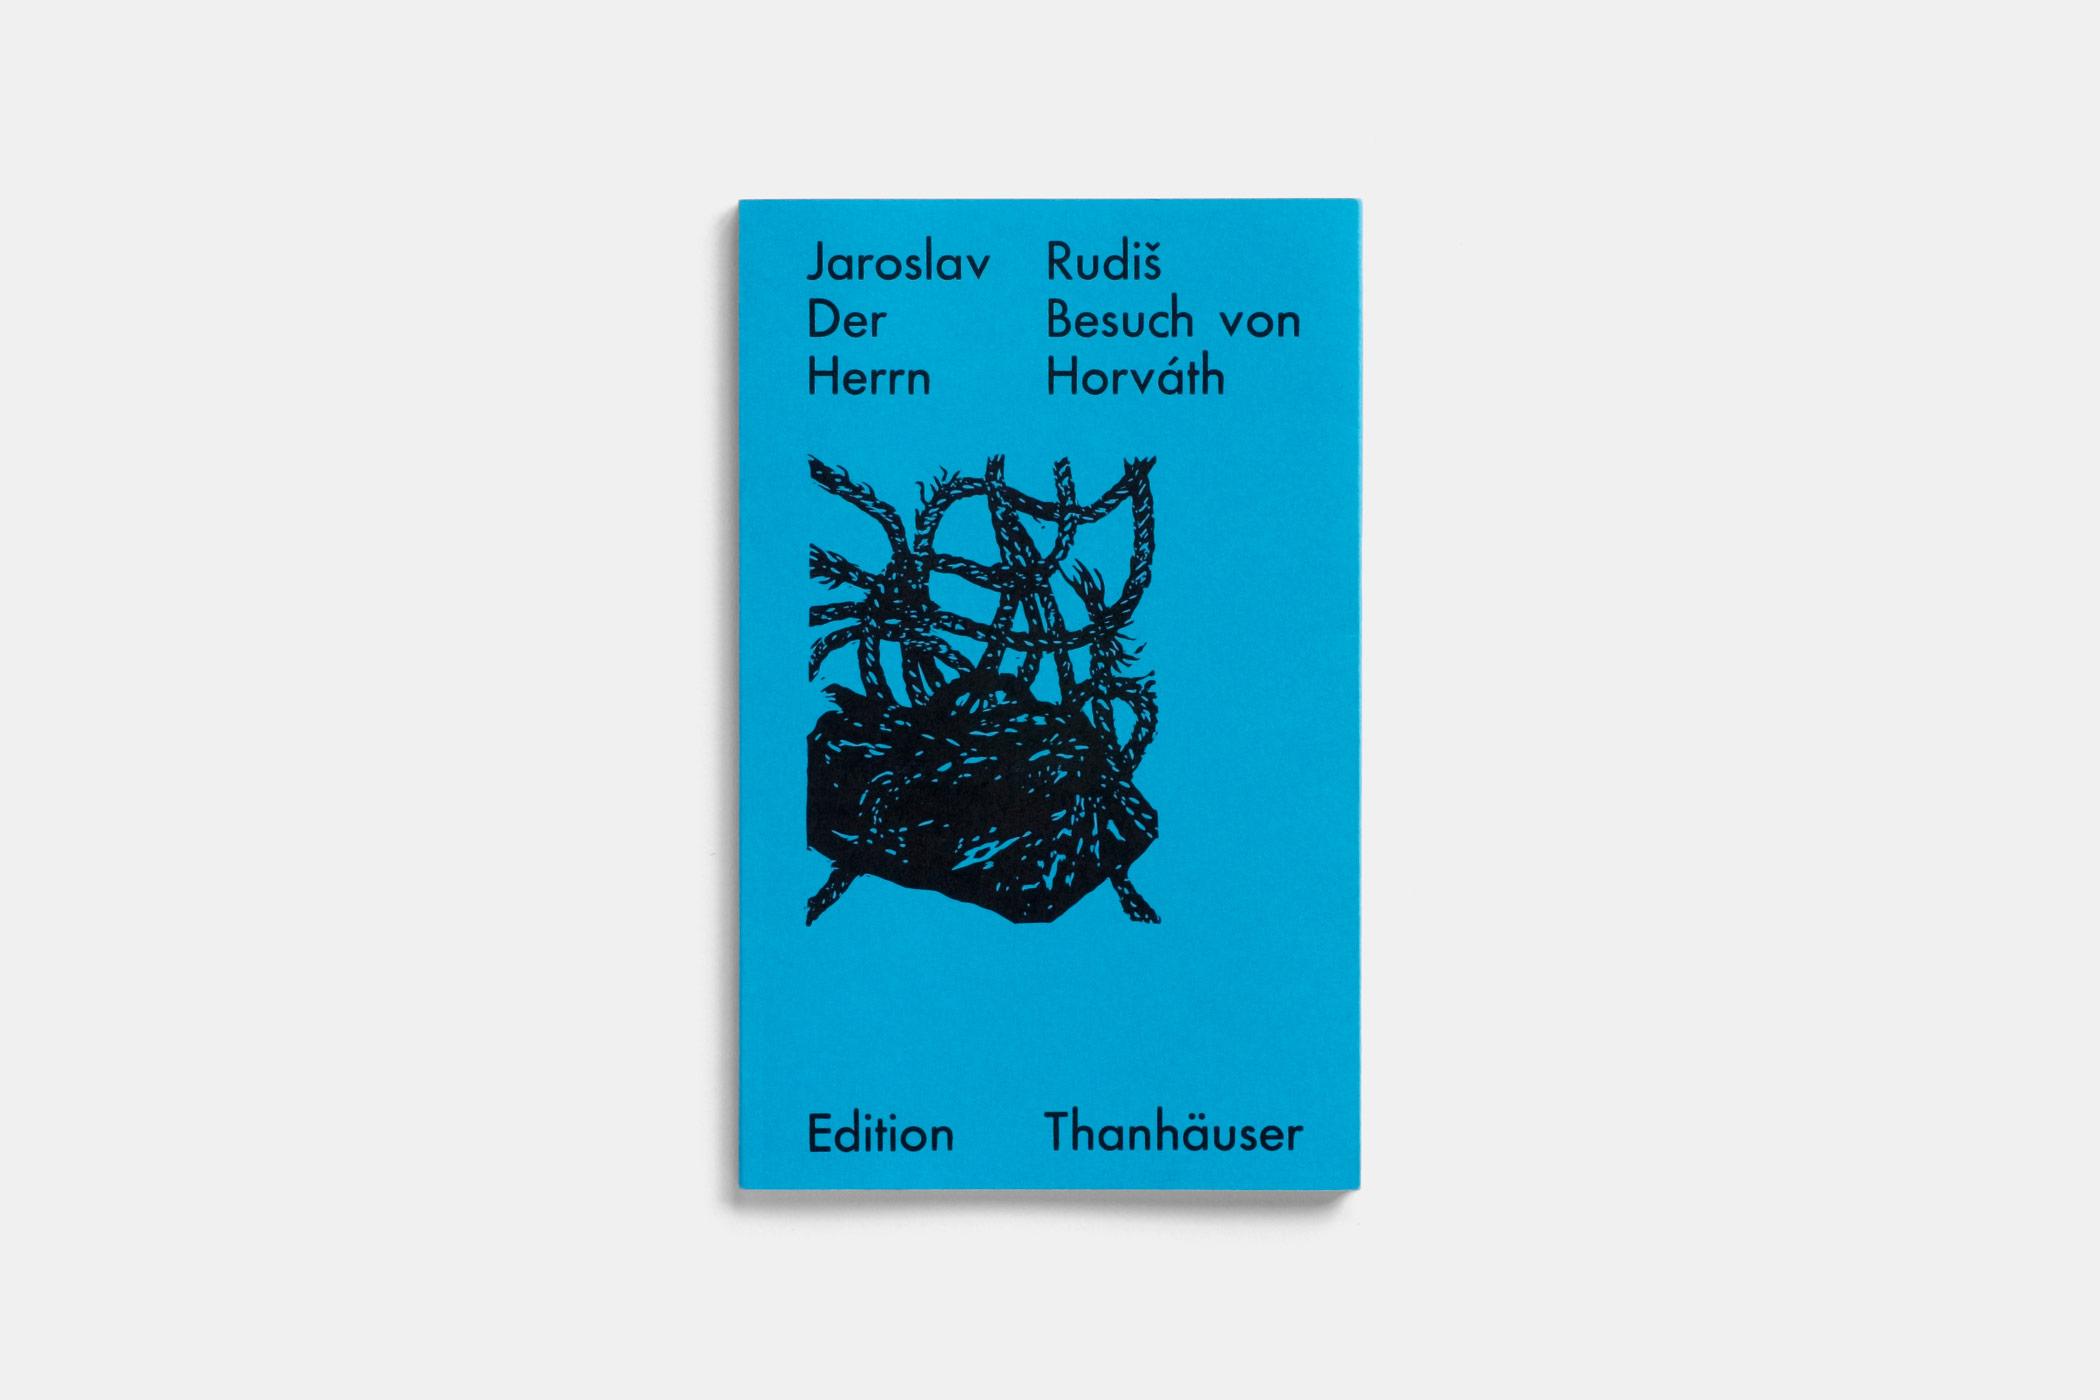 """Das Buch """"Der Besuch von Herrn Horváth"""" von Jaroslav Rudiš erschienen im Verlag Edition Thanhäuser mit einem Holzschnitt von Christian Thanhäuser am Umschlag"""